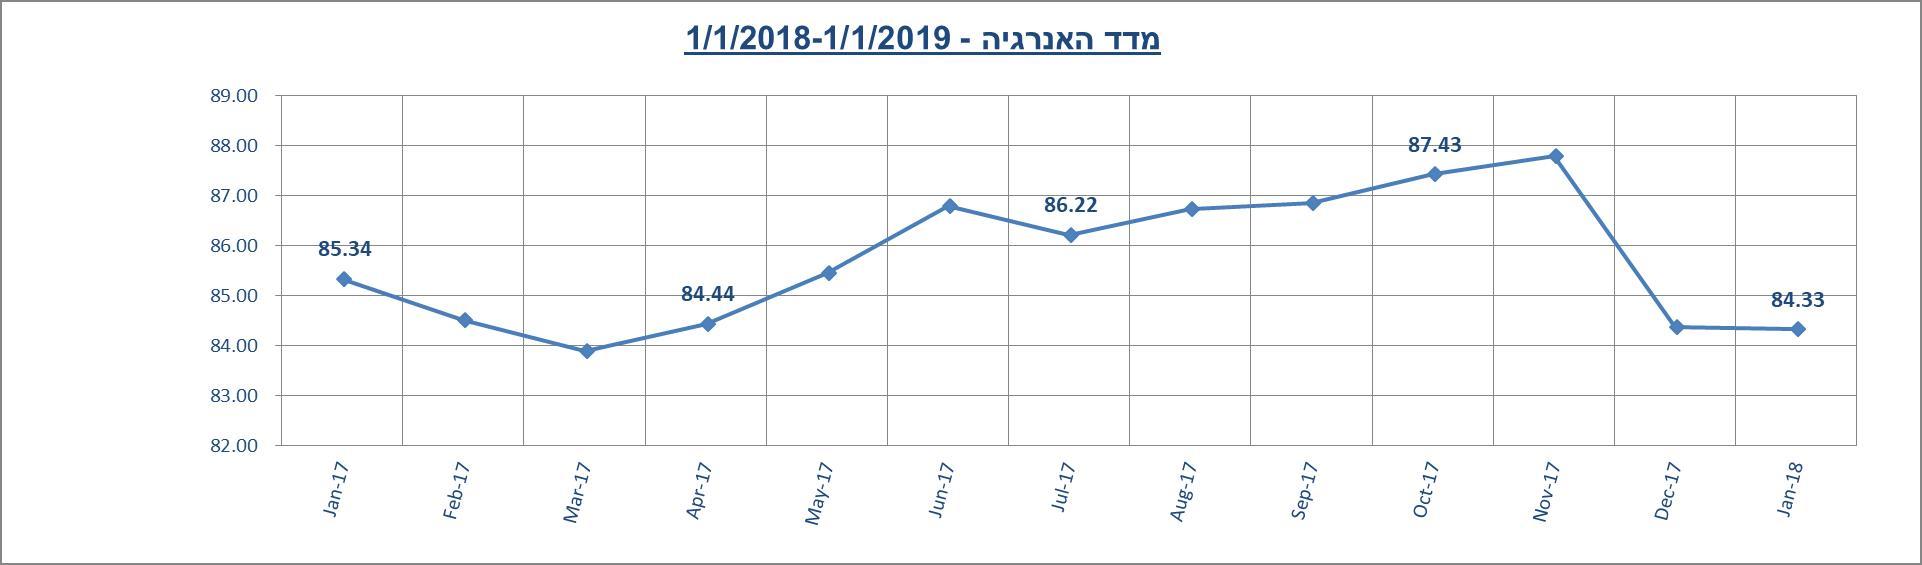 מדד האנרגיה ינואר 2019